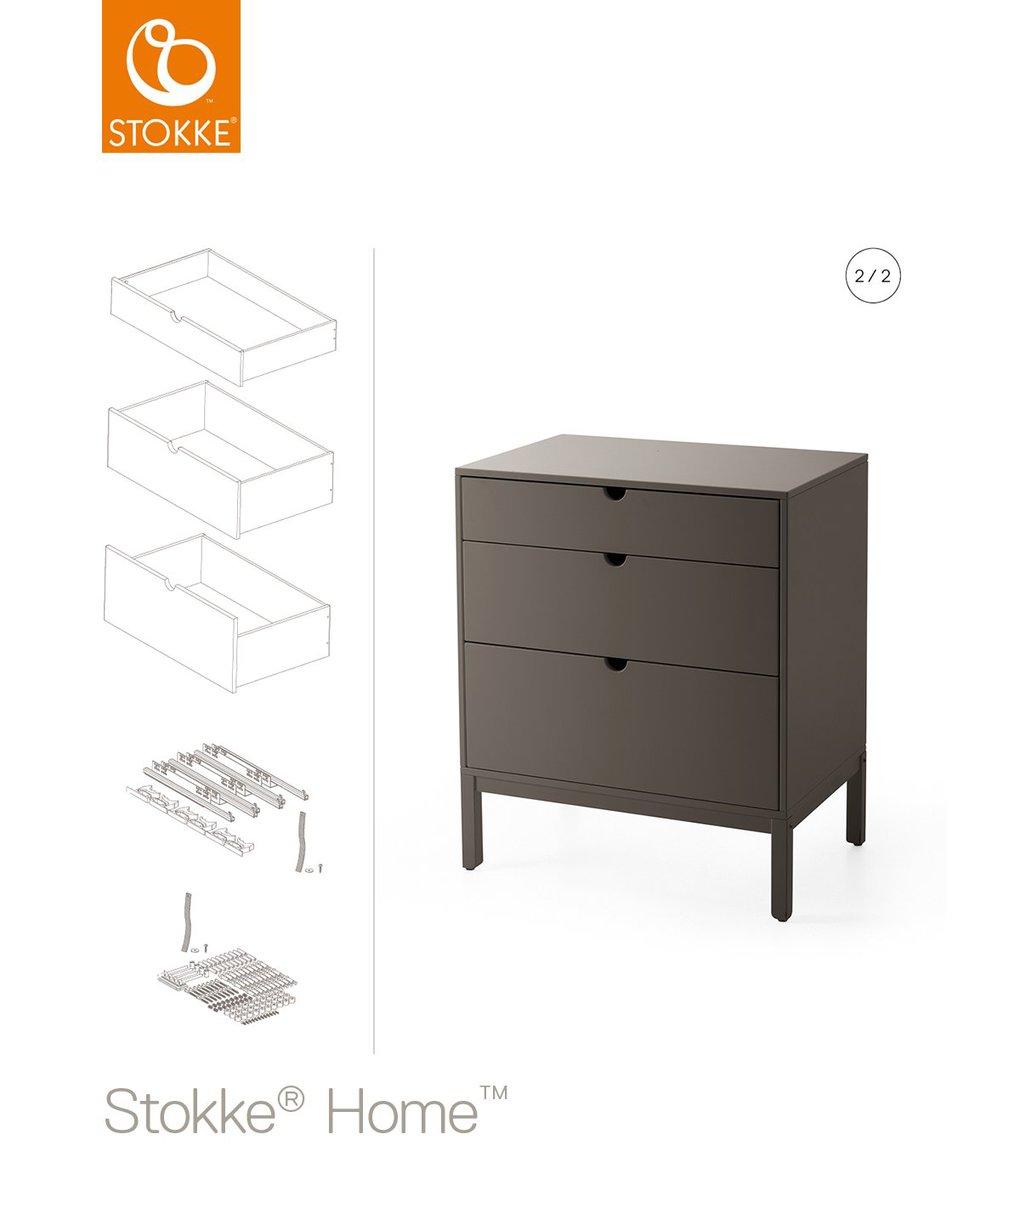 Gavetas para cômoda stokke® home ™ - cinza nebuloso - Stokke